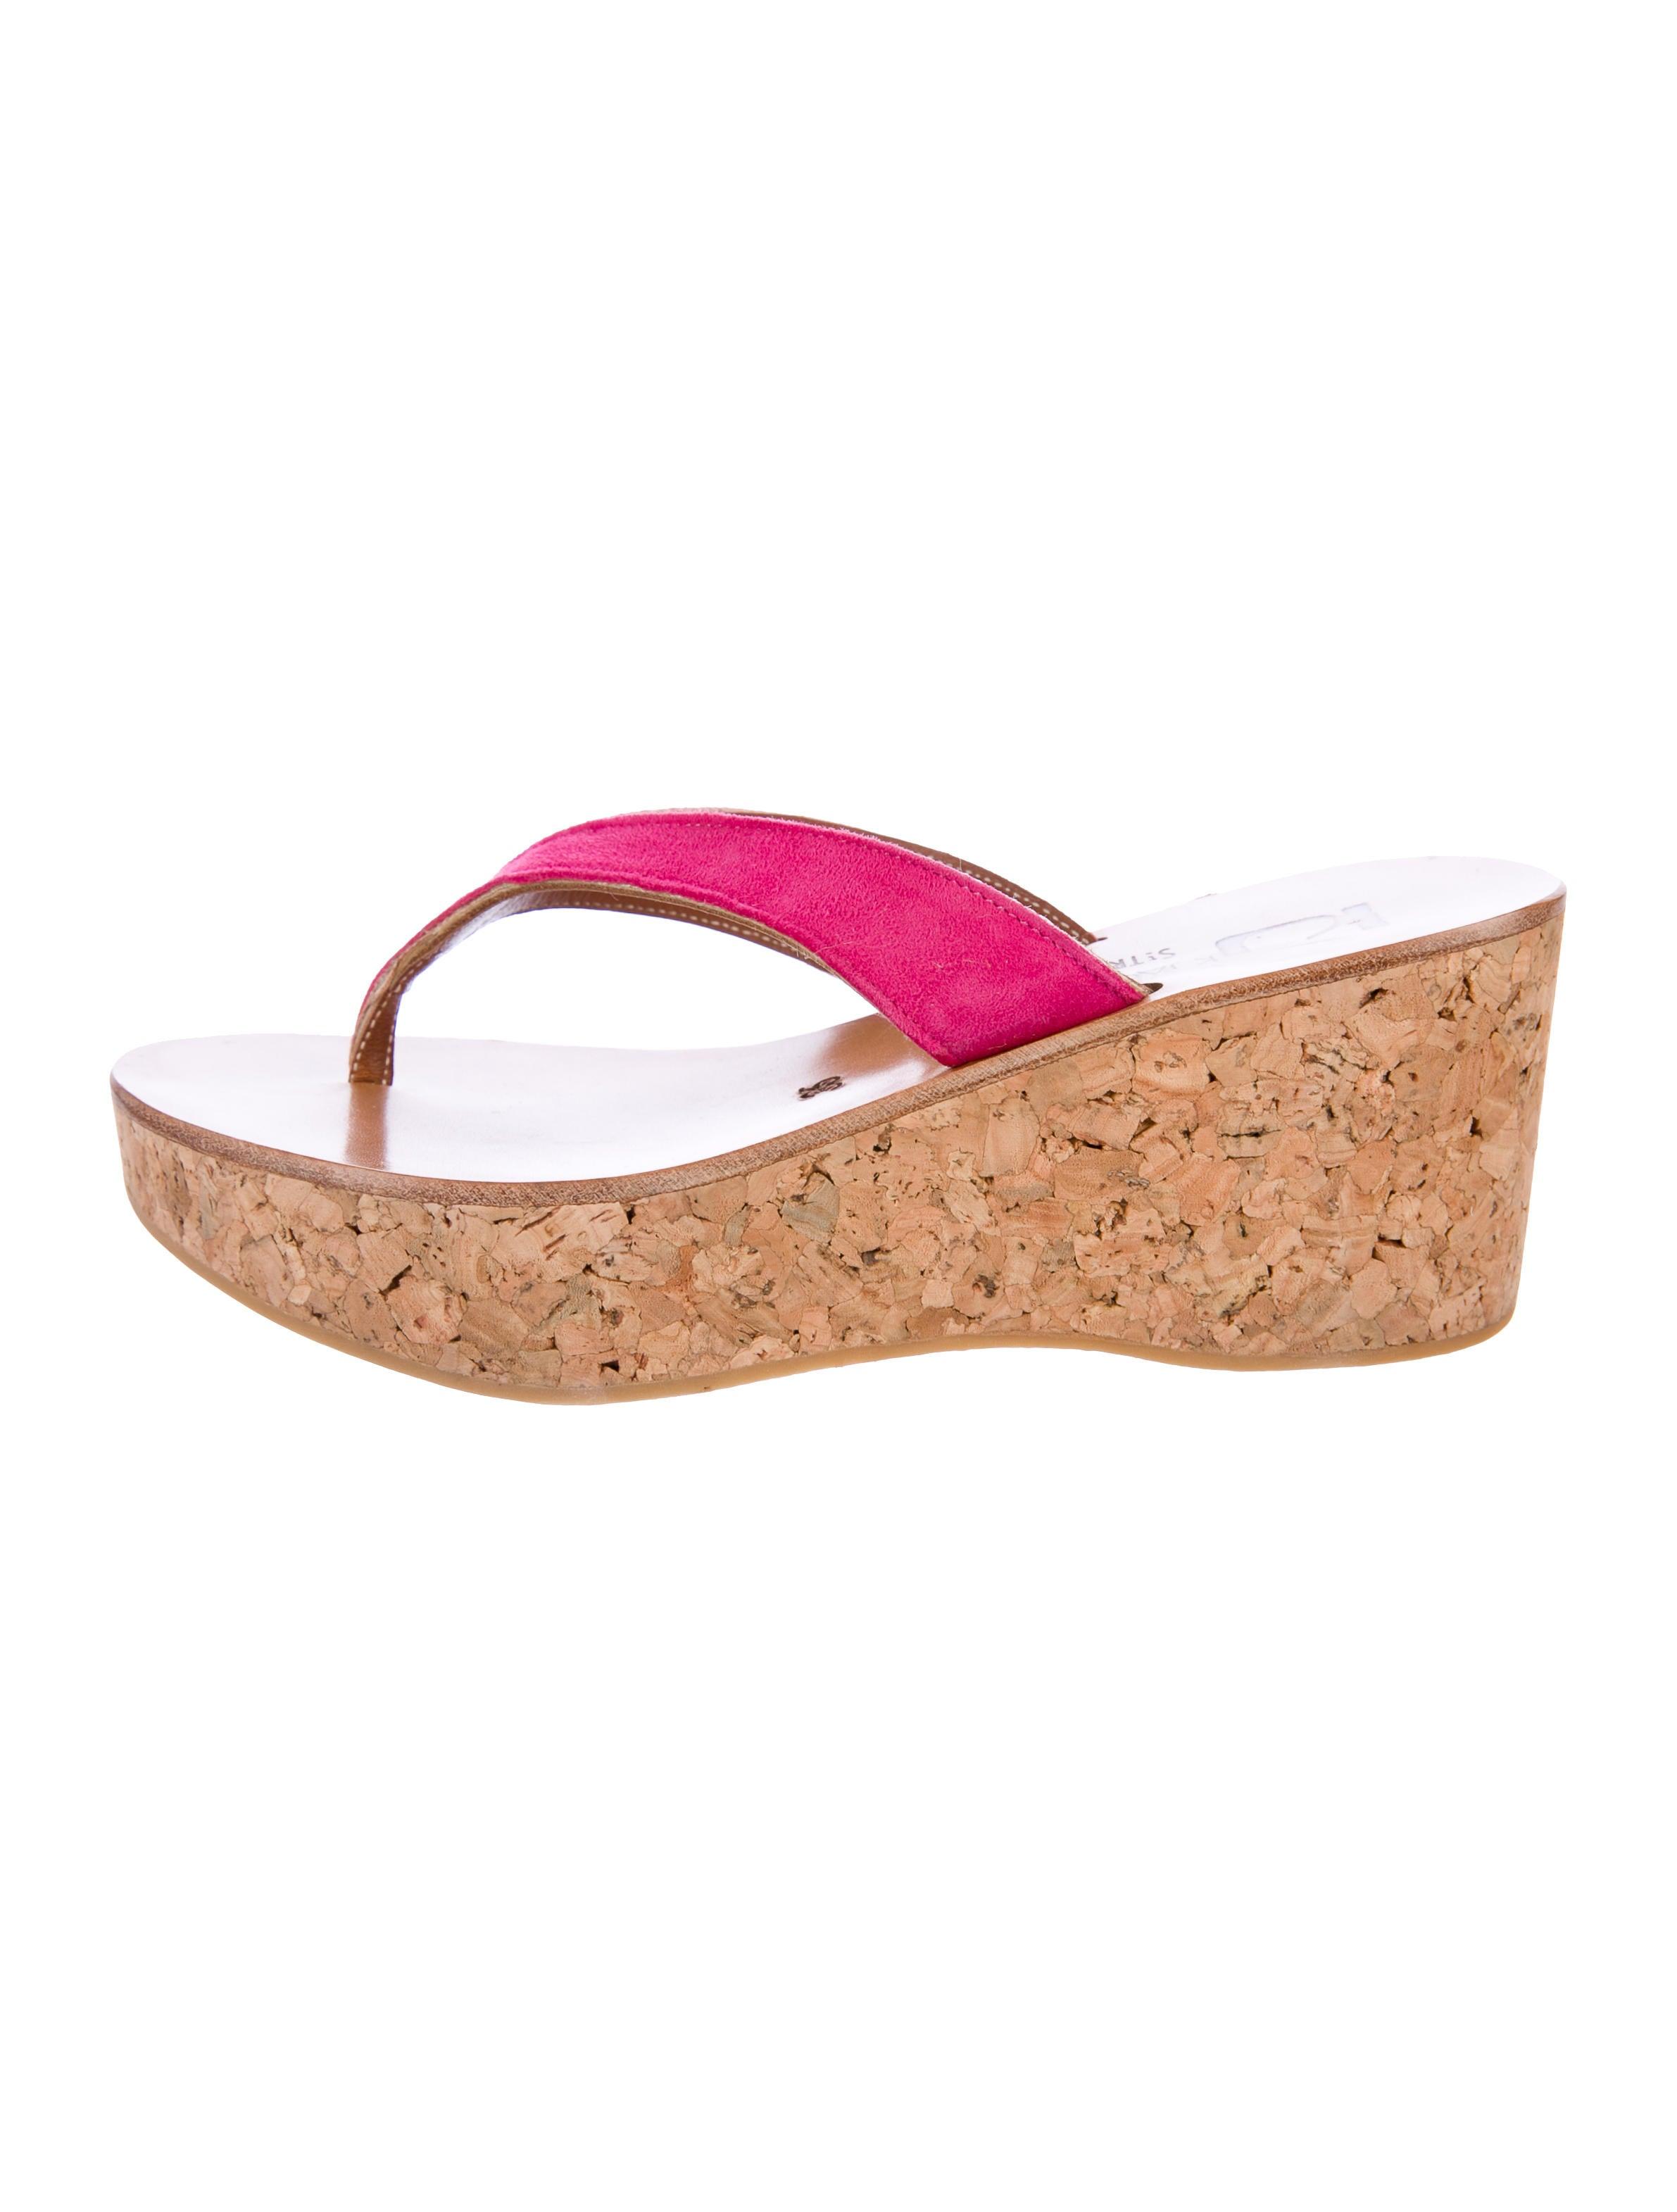 e96df78658c14 K Jacques St. Tropez Diorite Suede Wedges - Shoes - WK021271